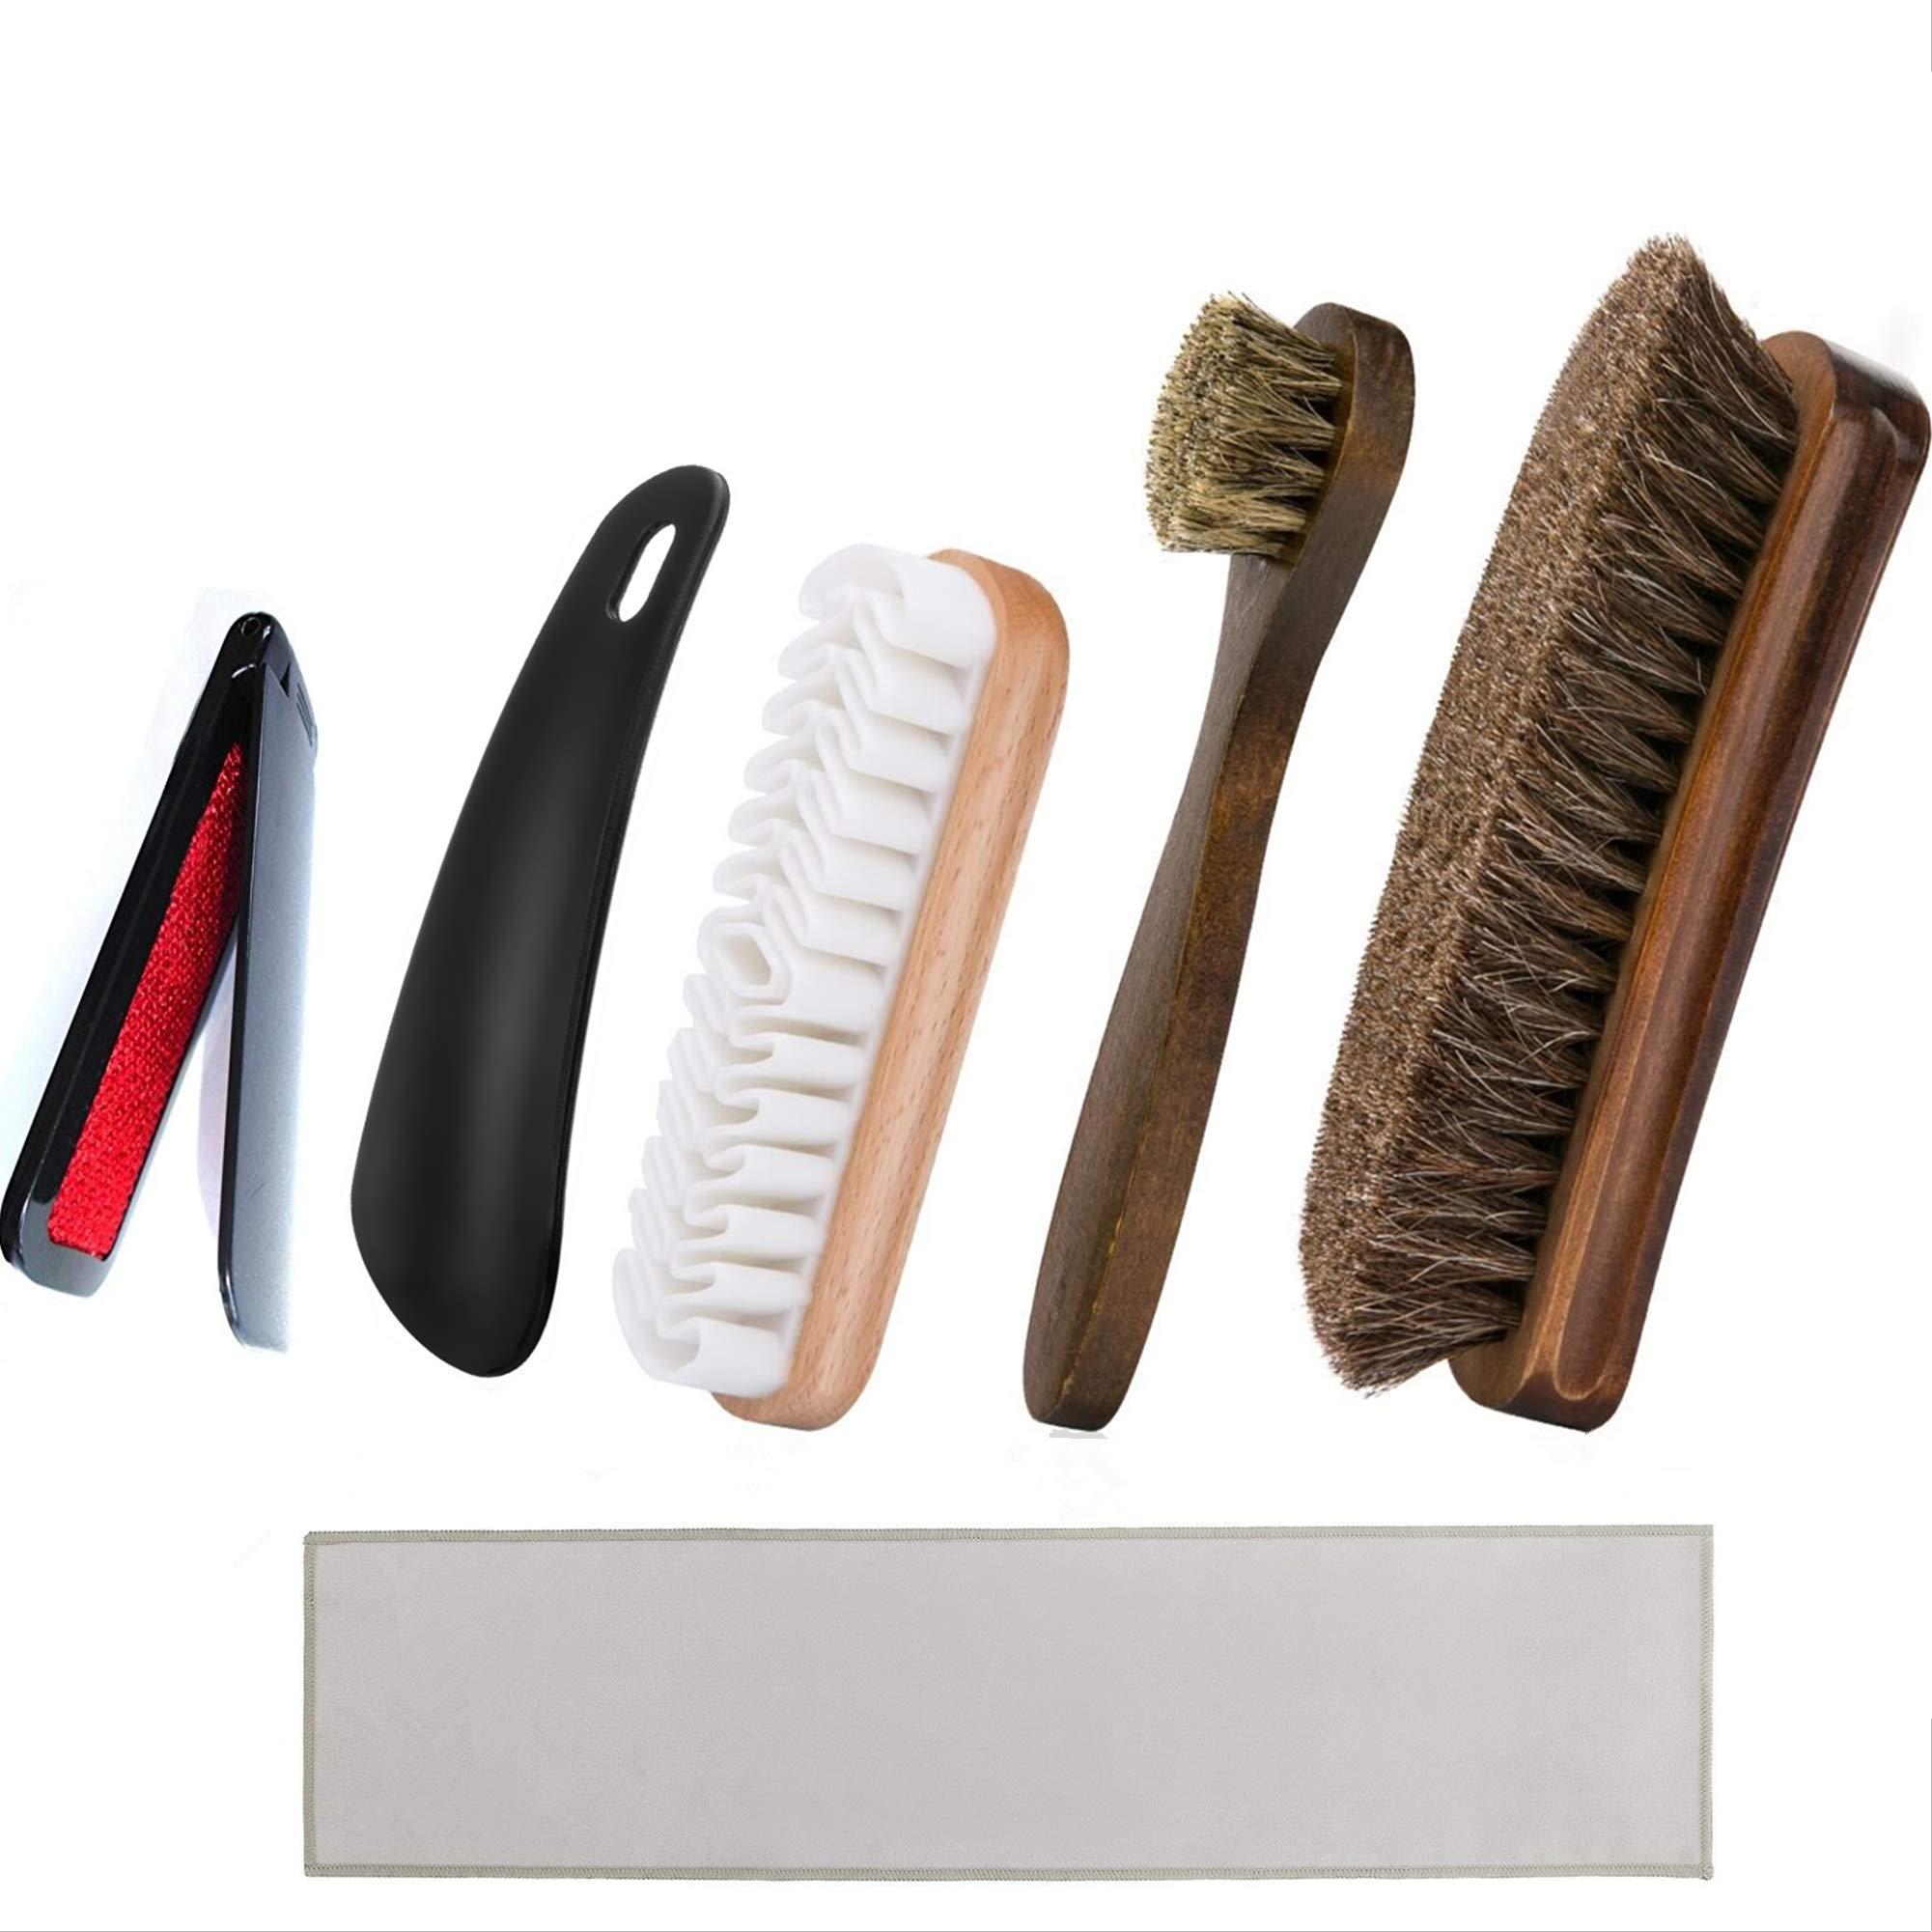 Kit de cepillo para zapatos y valet con cerdas suaves de cri